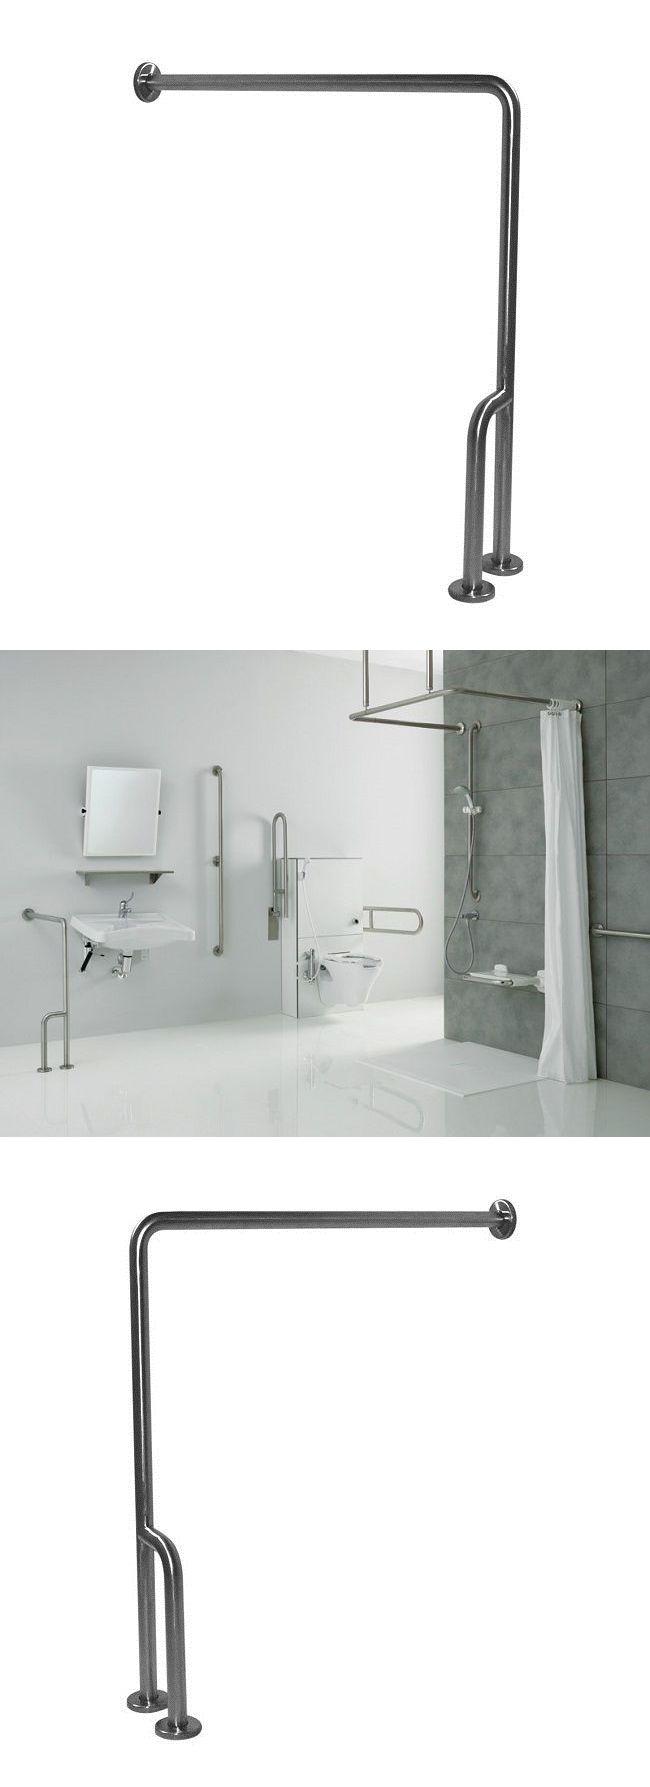 Shower Grab Bars For The Elderly 25+ best bathroom grab rails ideas on pinterest | grab bars, ada